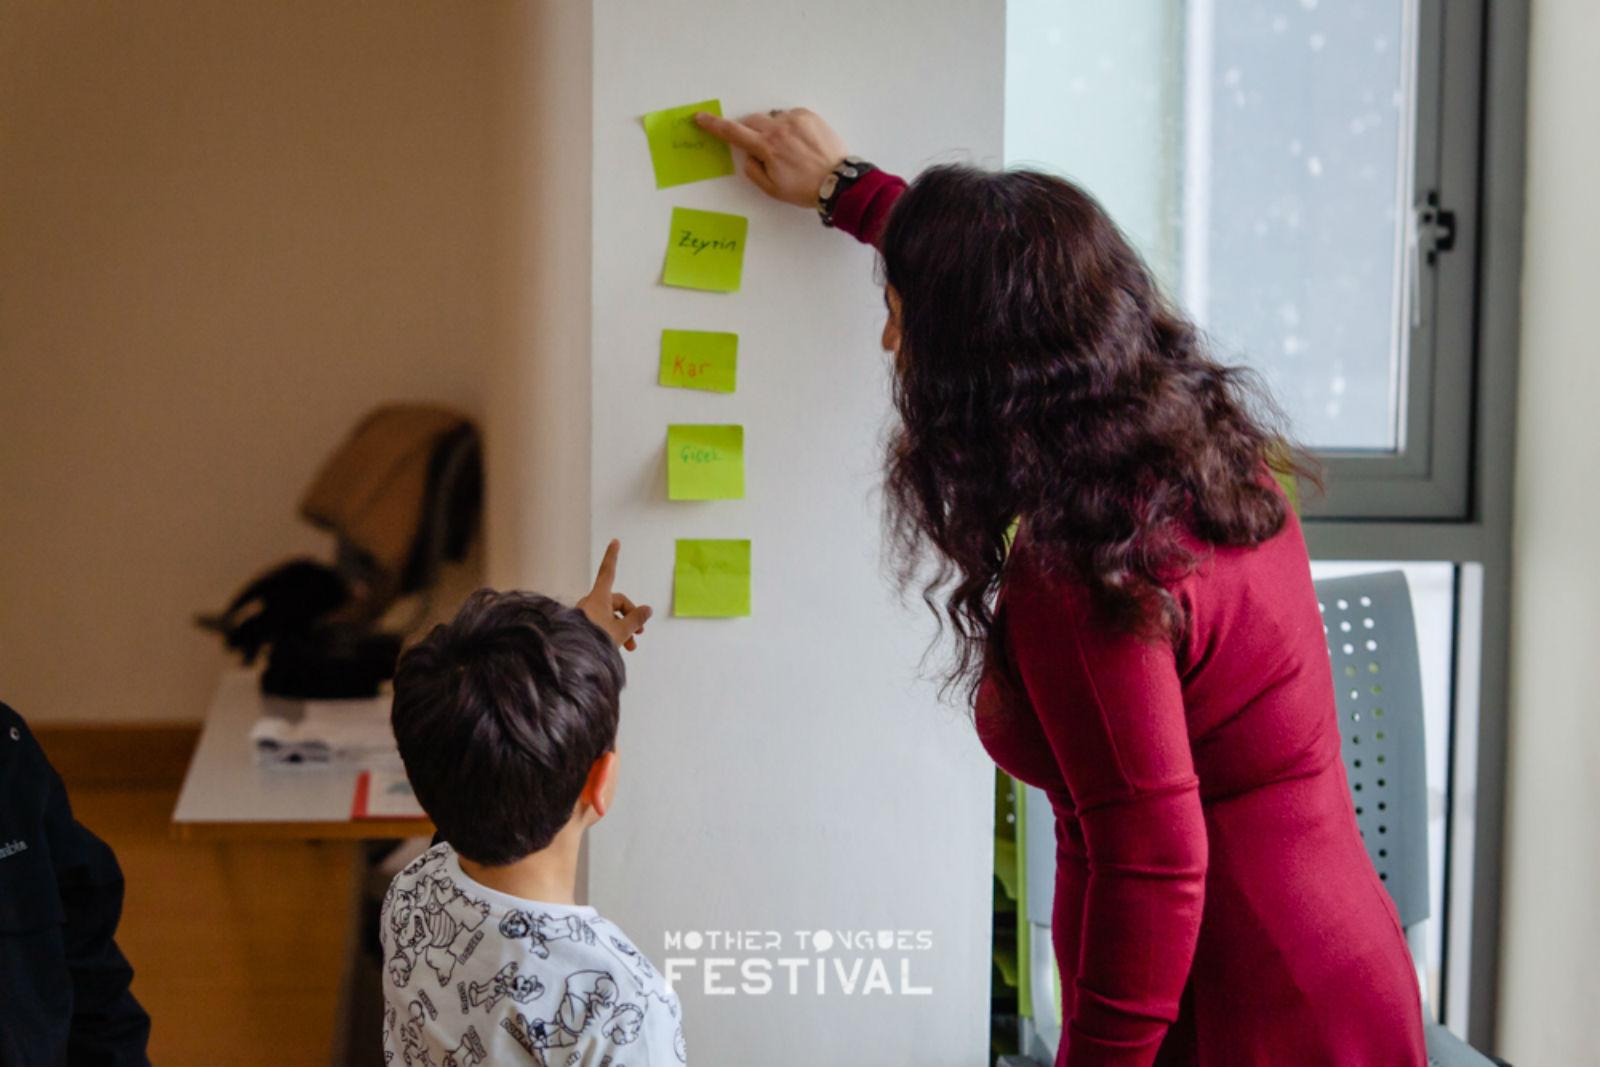 2019 Uluslararası-Mother Tongues Festival Dublin 2